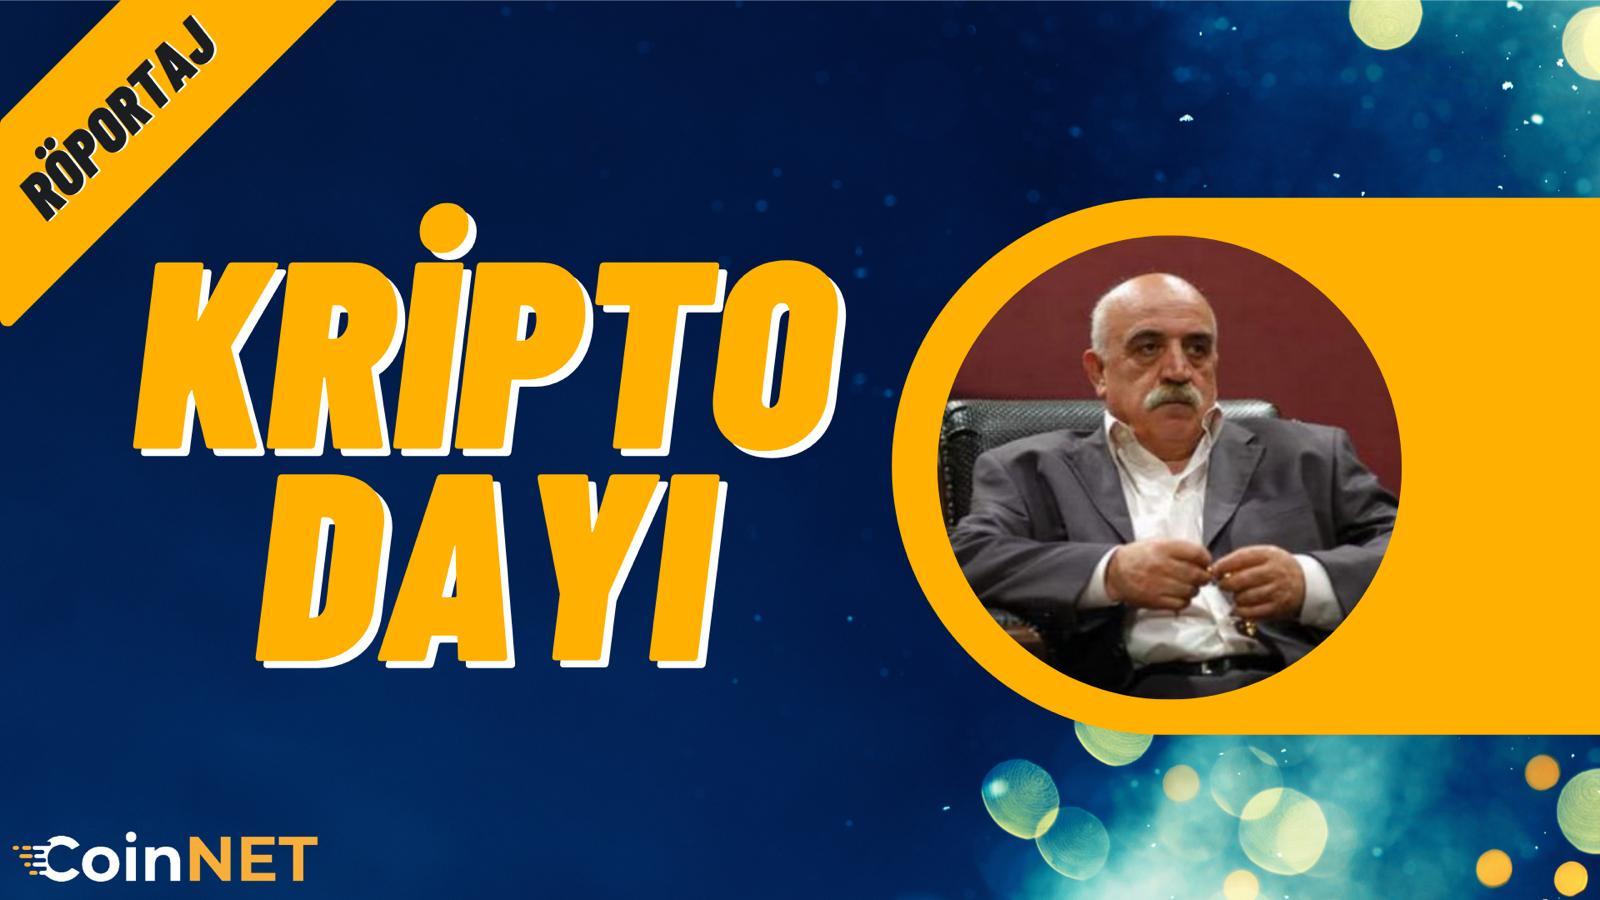 Kripto Para Piyasası 2021 – CoinNet Röportaj Köşesi – Kripto Dayı